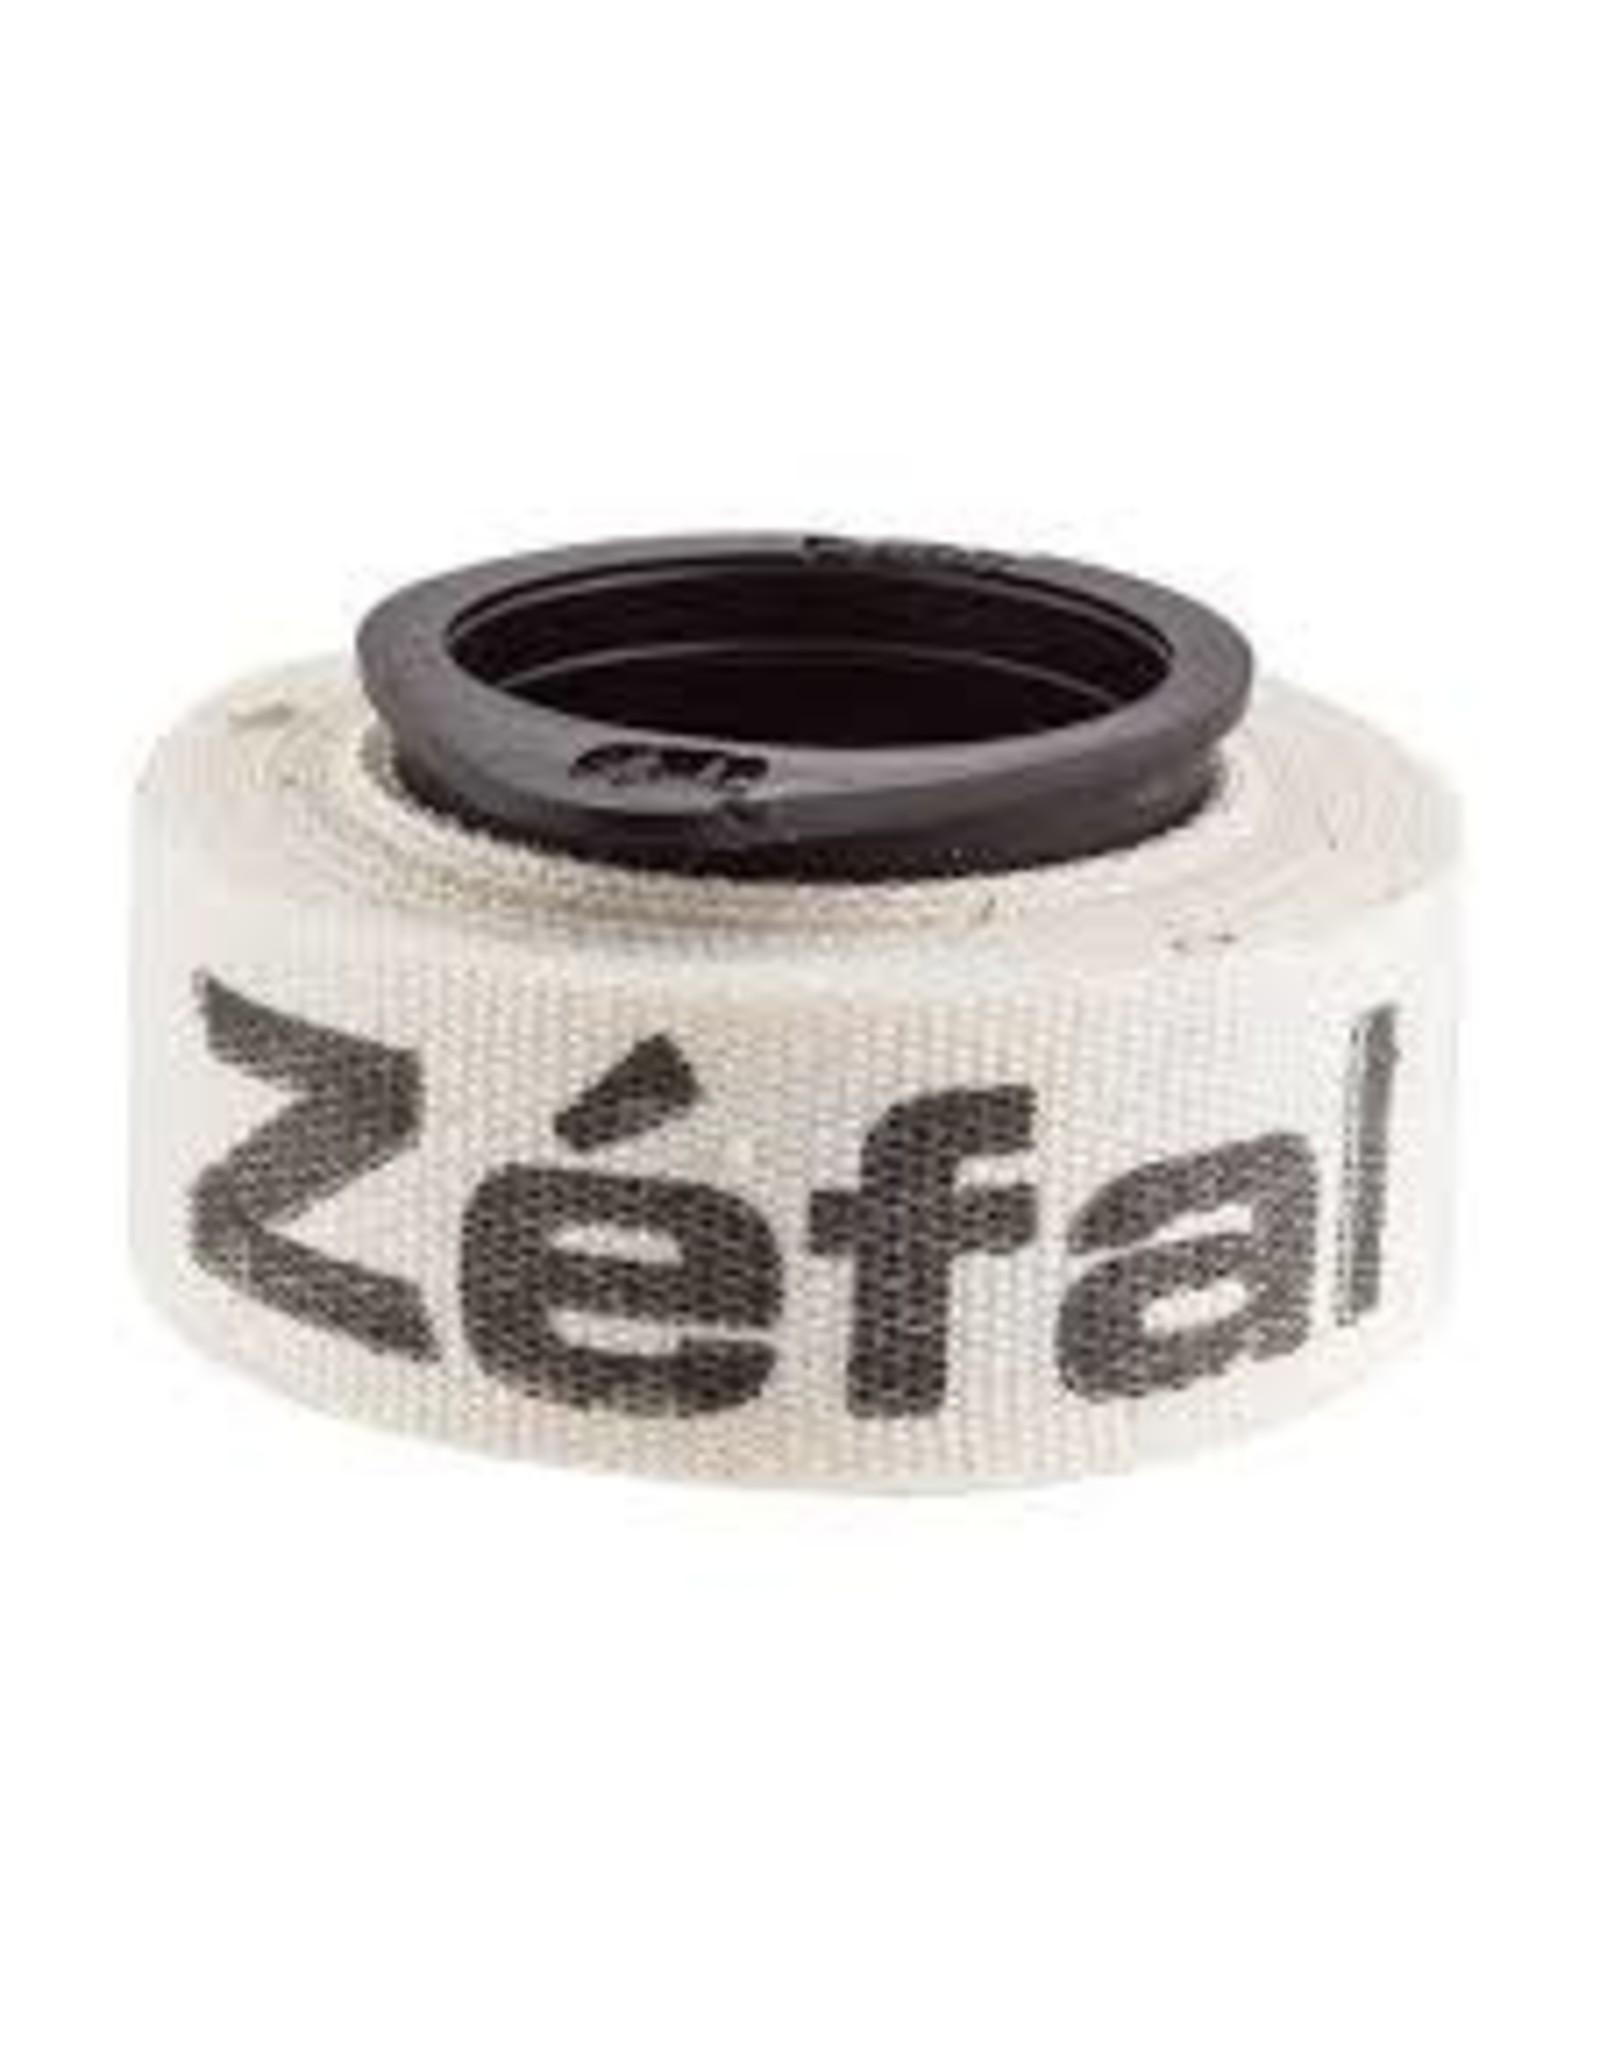 ZEFAL Rim Tape Zefal 17mm Single